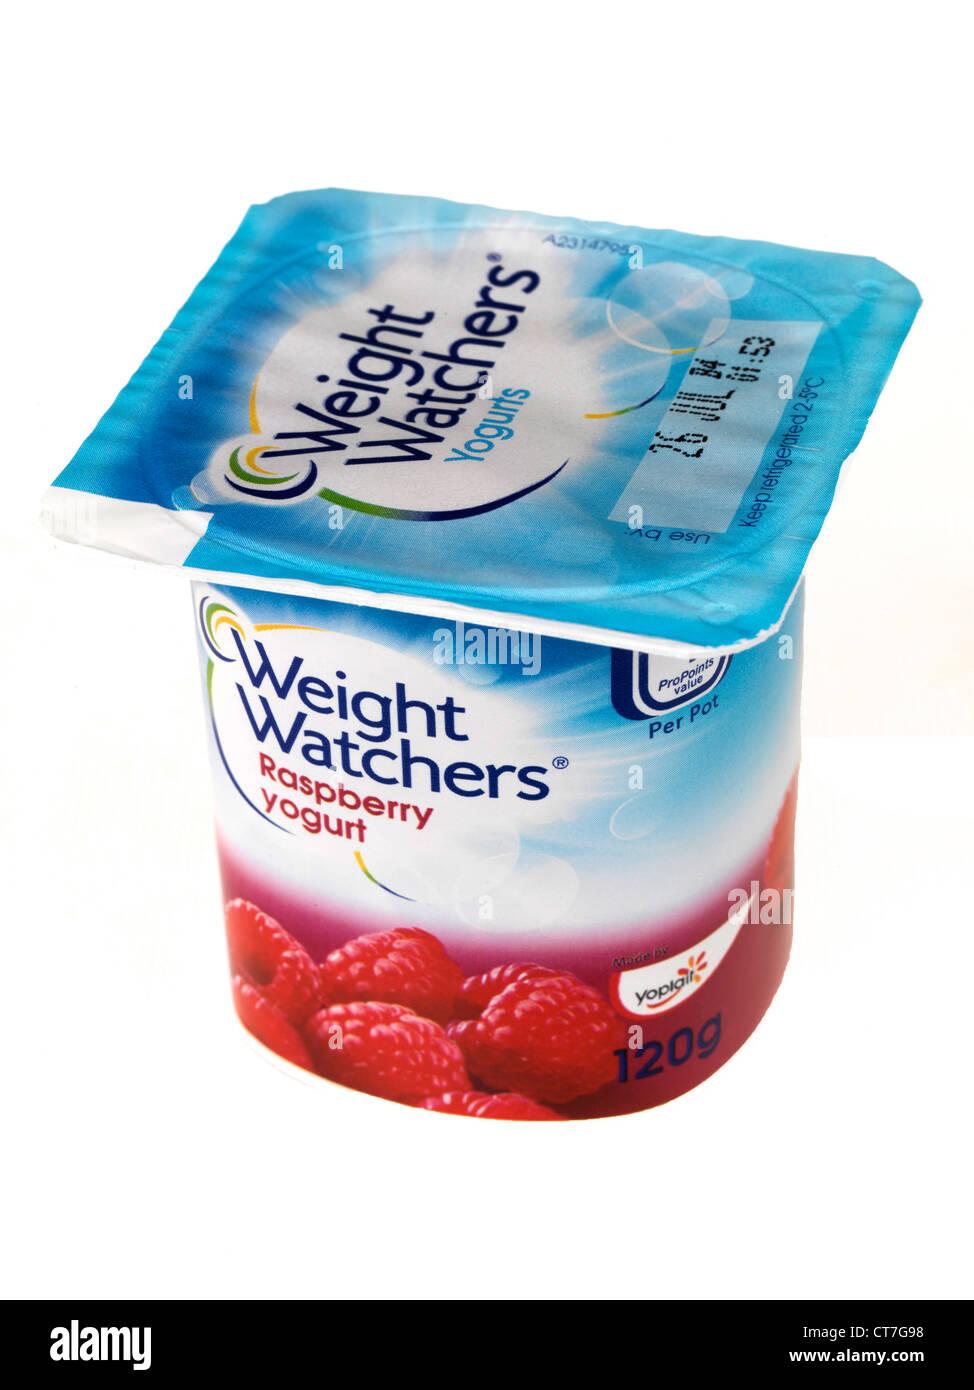 Weight Watchers Raspberry Yogurt - Stock Image